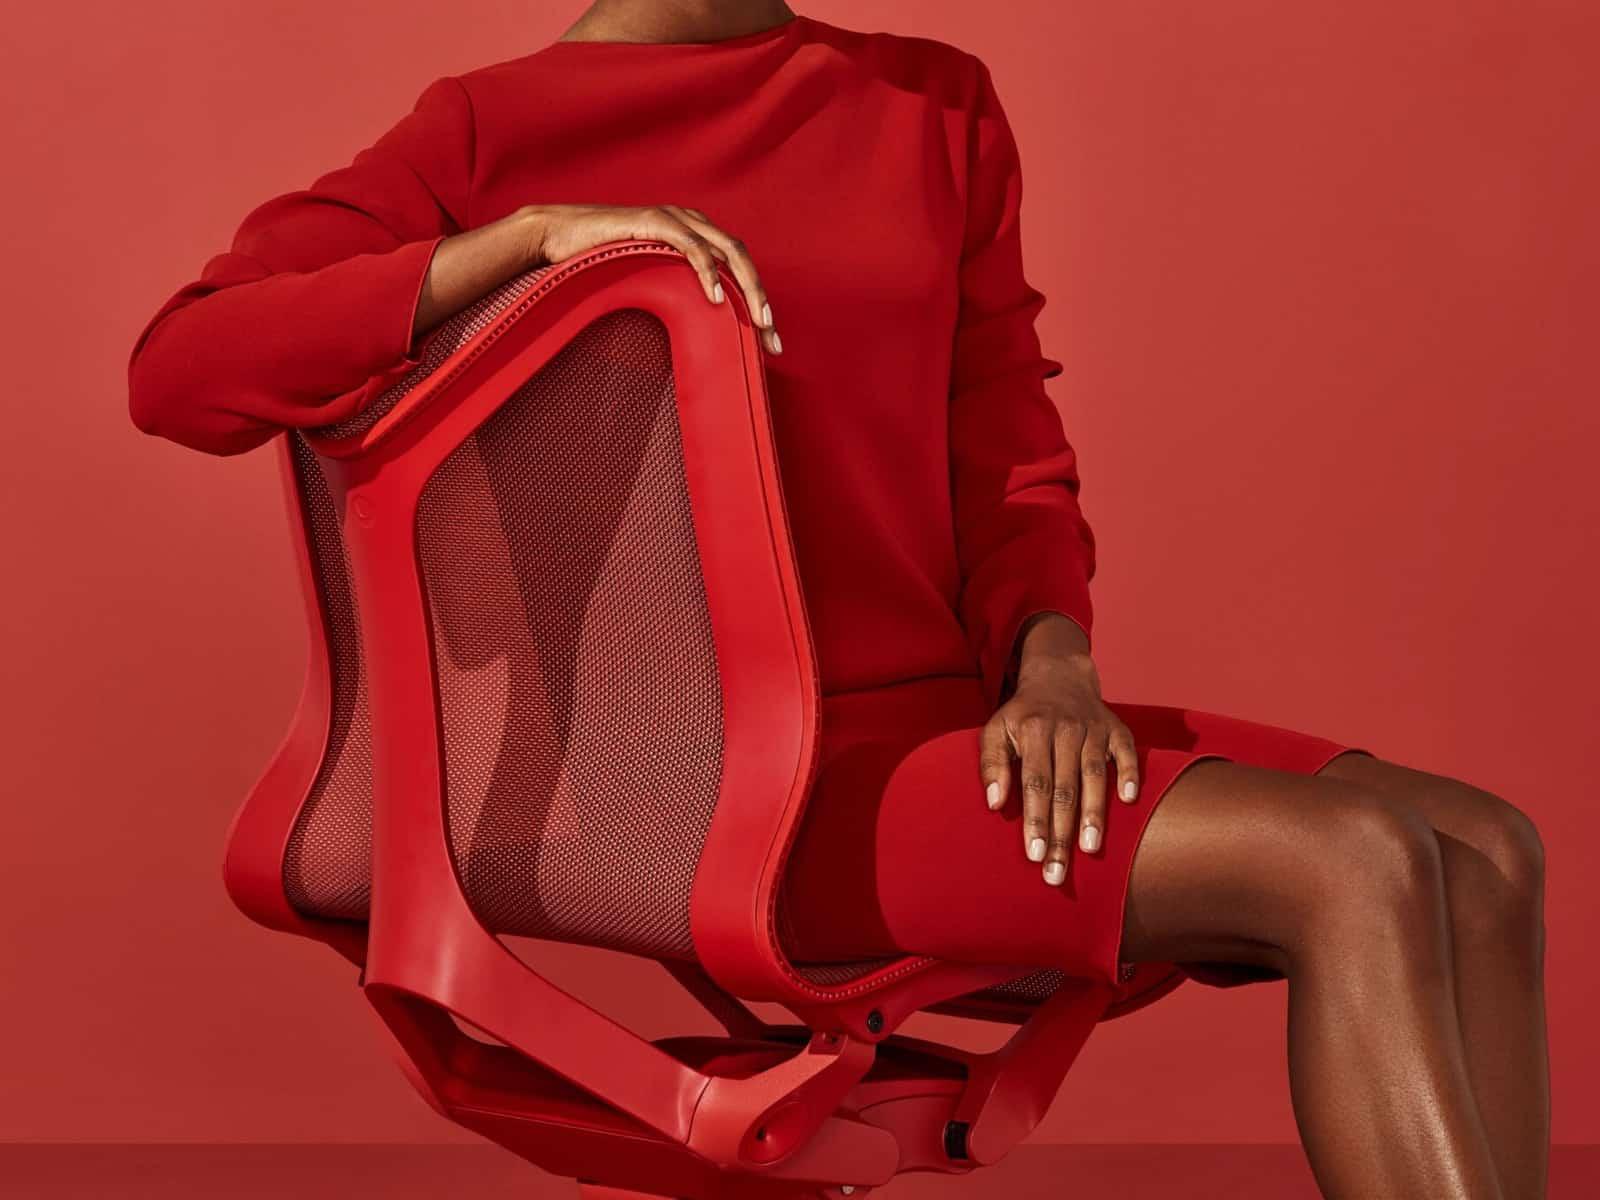 Femme en rouge sur le fauteuil de bureau Cosm.